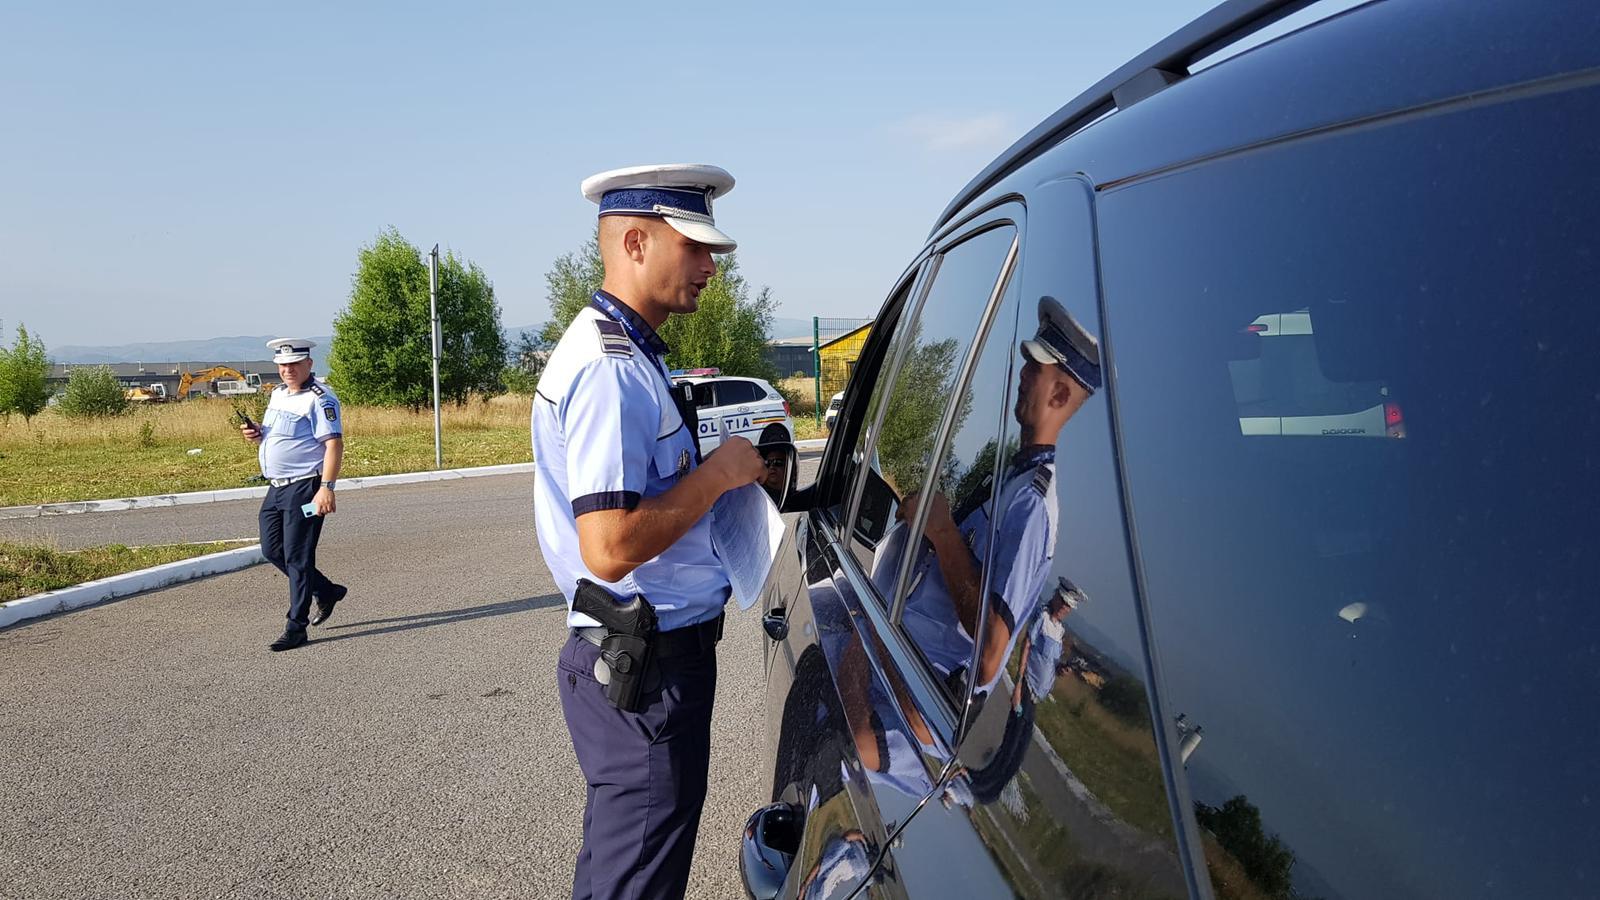 Controale, în weekend, pe autostradă. Polițiștii au prins șapte șoferi beți